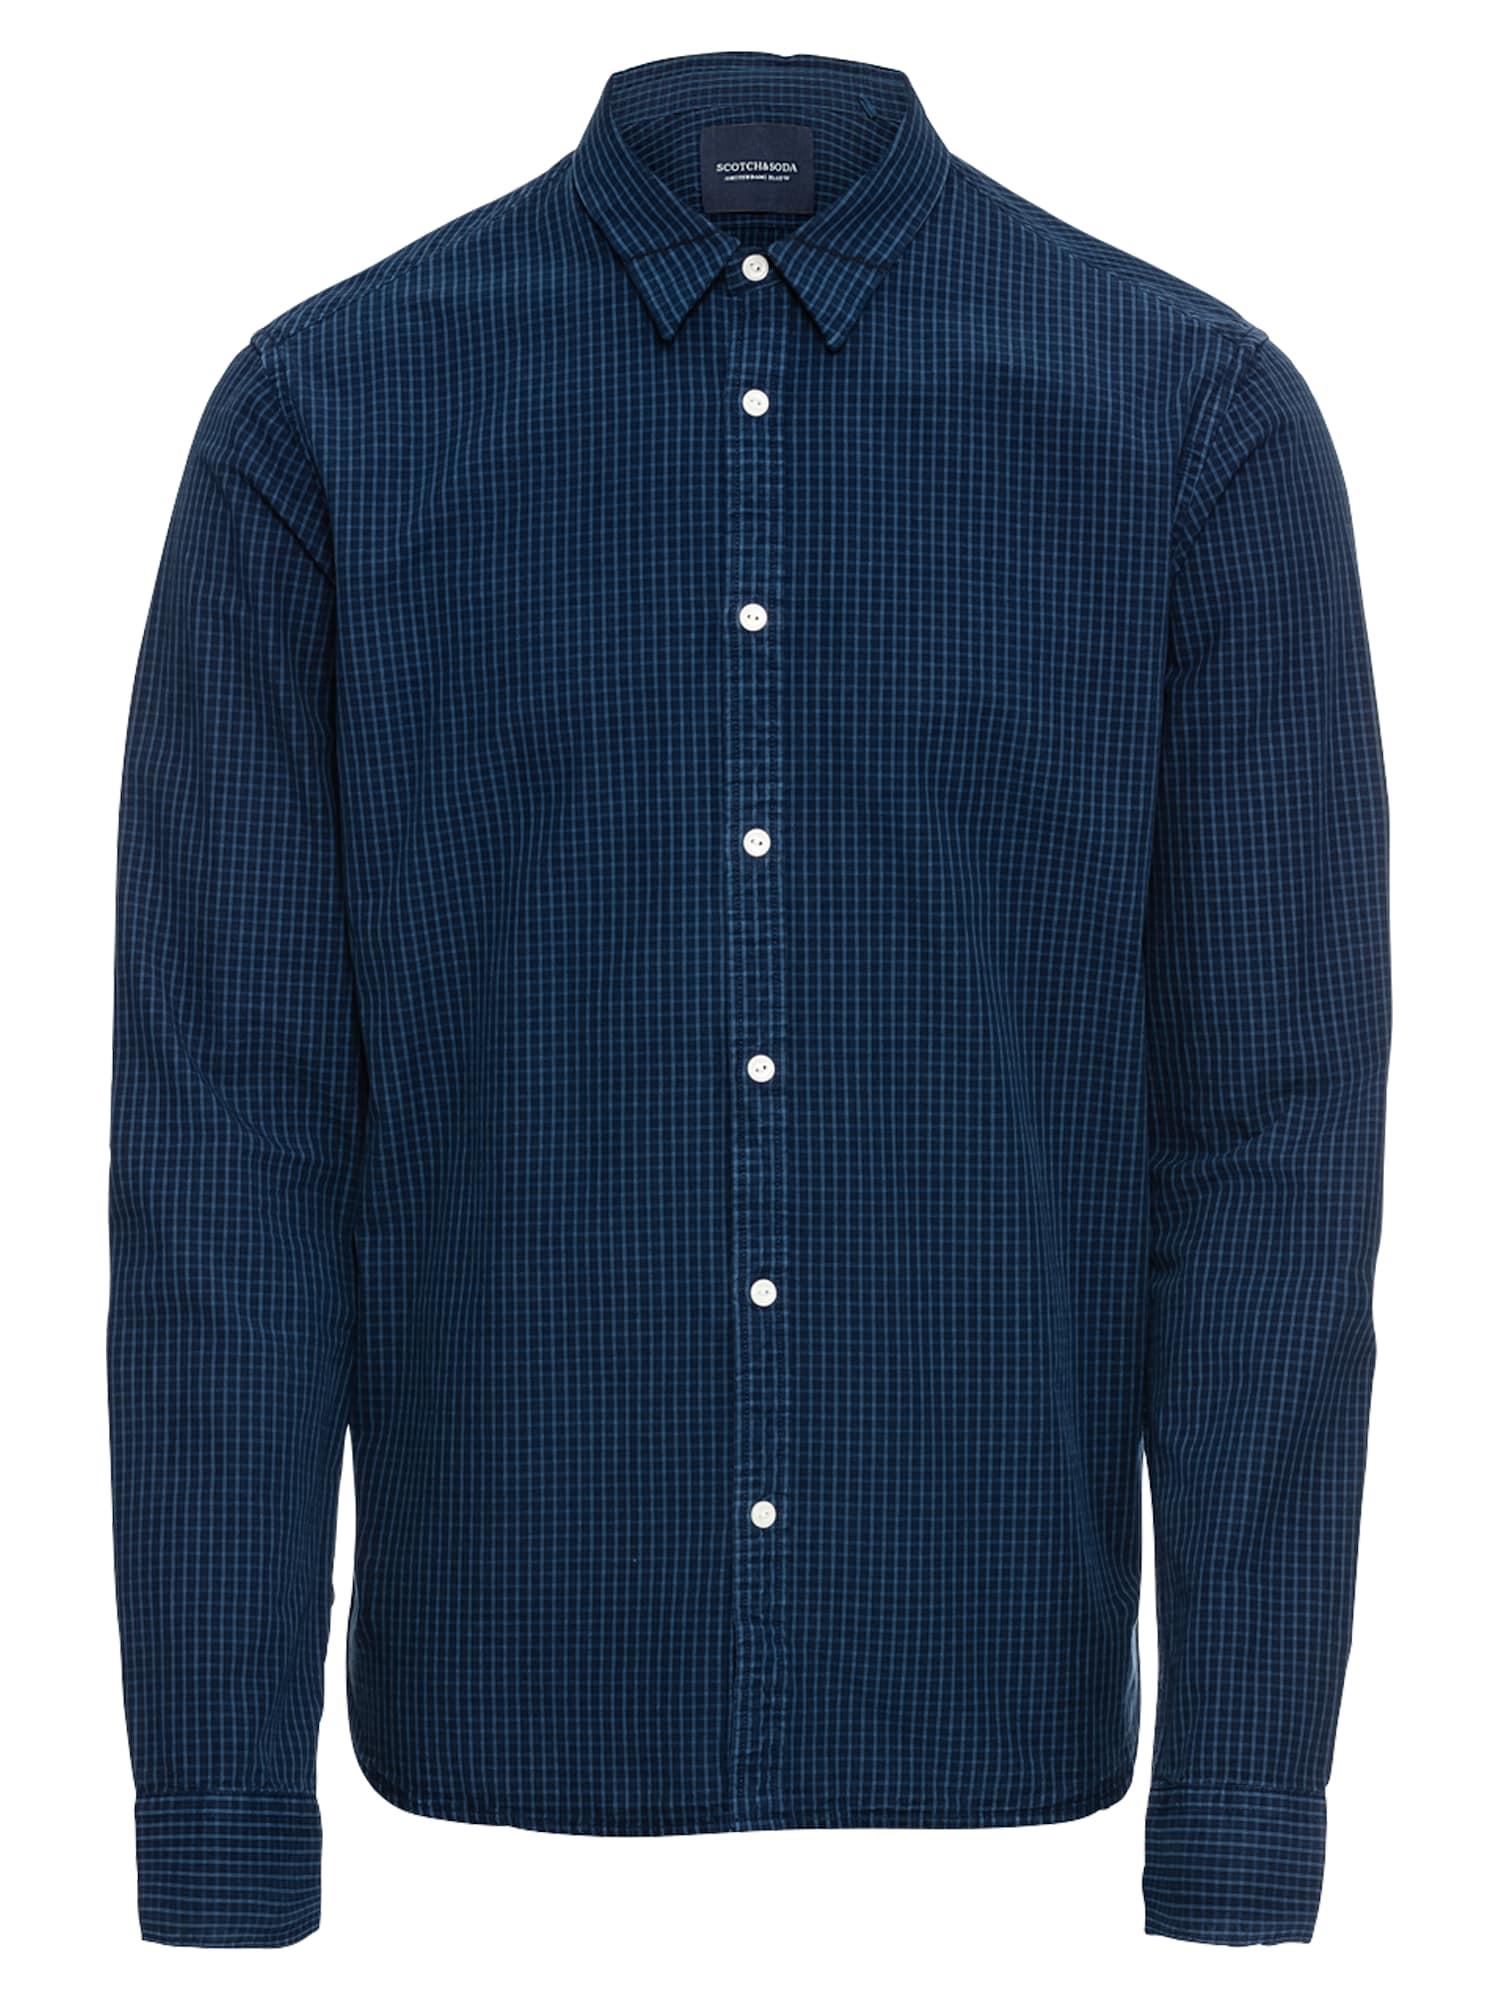 Košile SLIM FIT Ams Blauw shirt with mini checks modrá džínovina SCOTCH & SODA